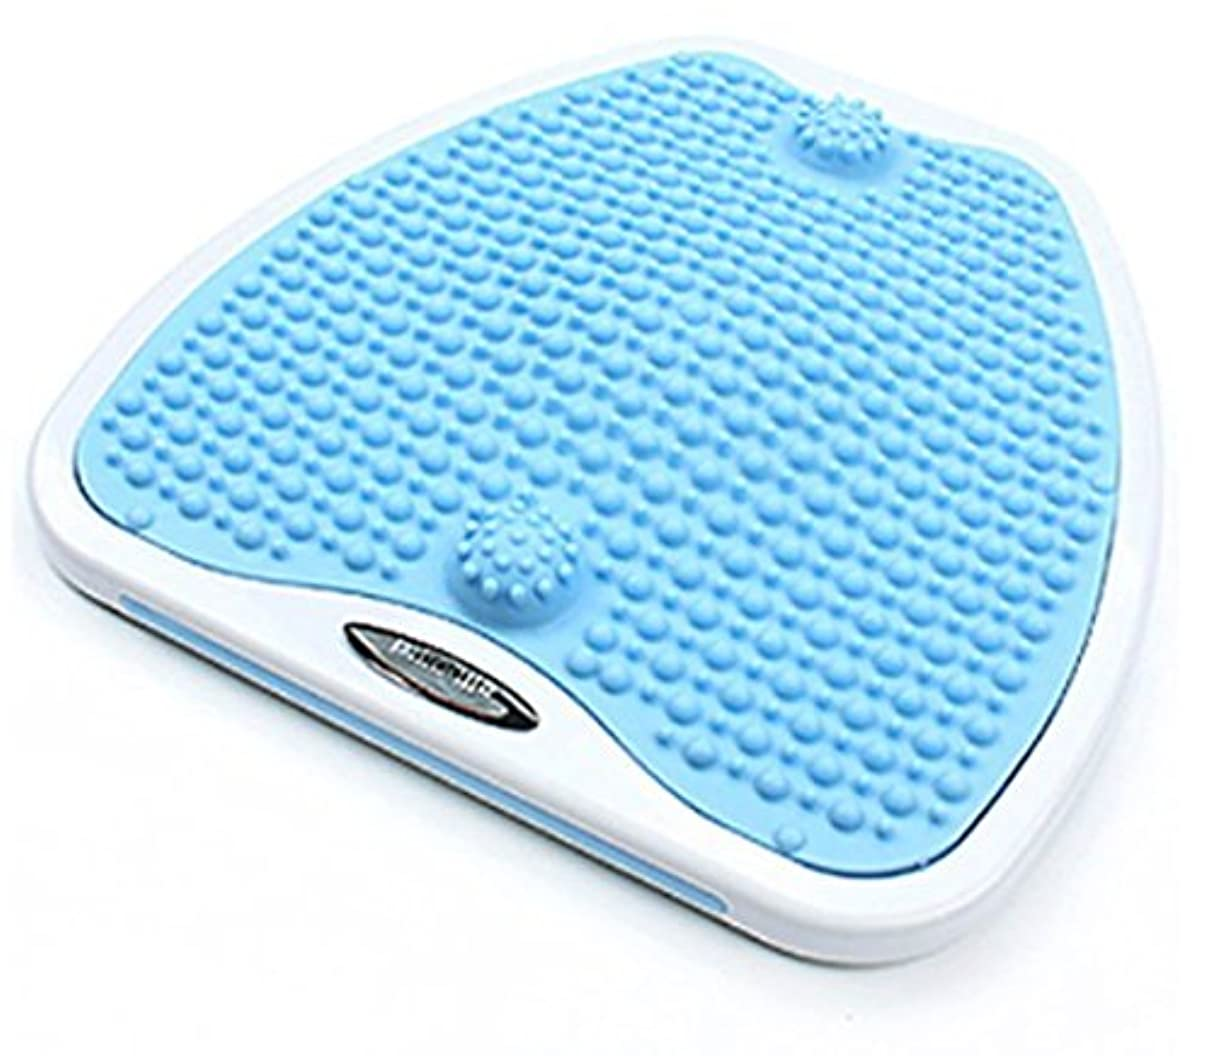 提案する推定するボタンWheel Nature El-board 多目的 足 指圧 運動器具 リコンパッド 家事 事務室 日常生活 海外直送品 (Multi-purpose Foot Pressure Silicon pad Exercise...